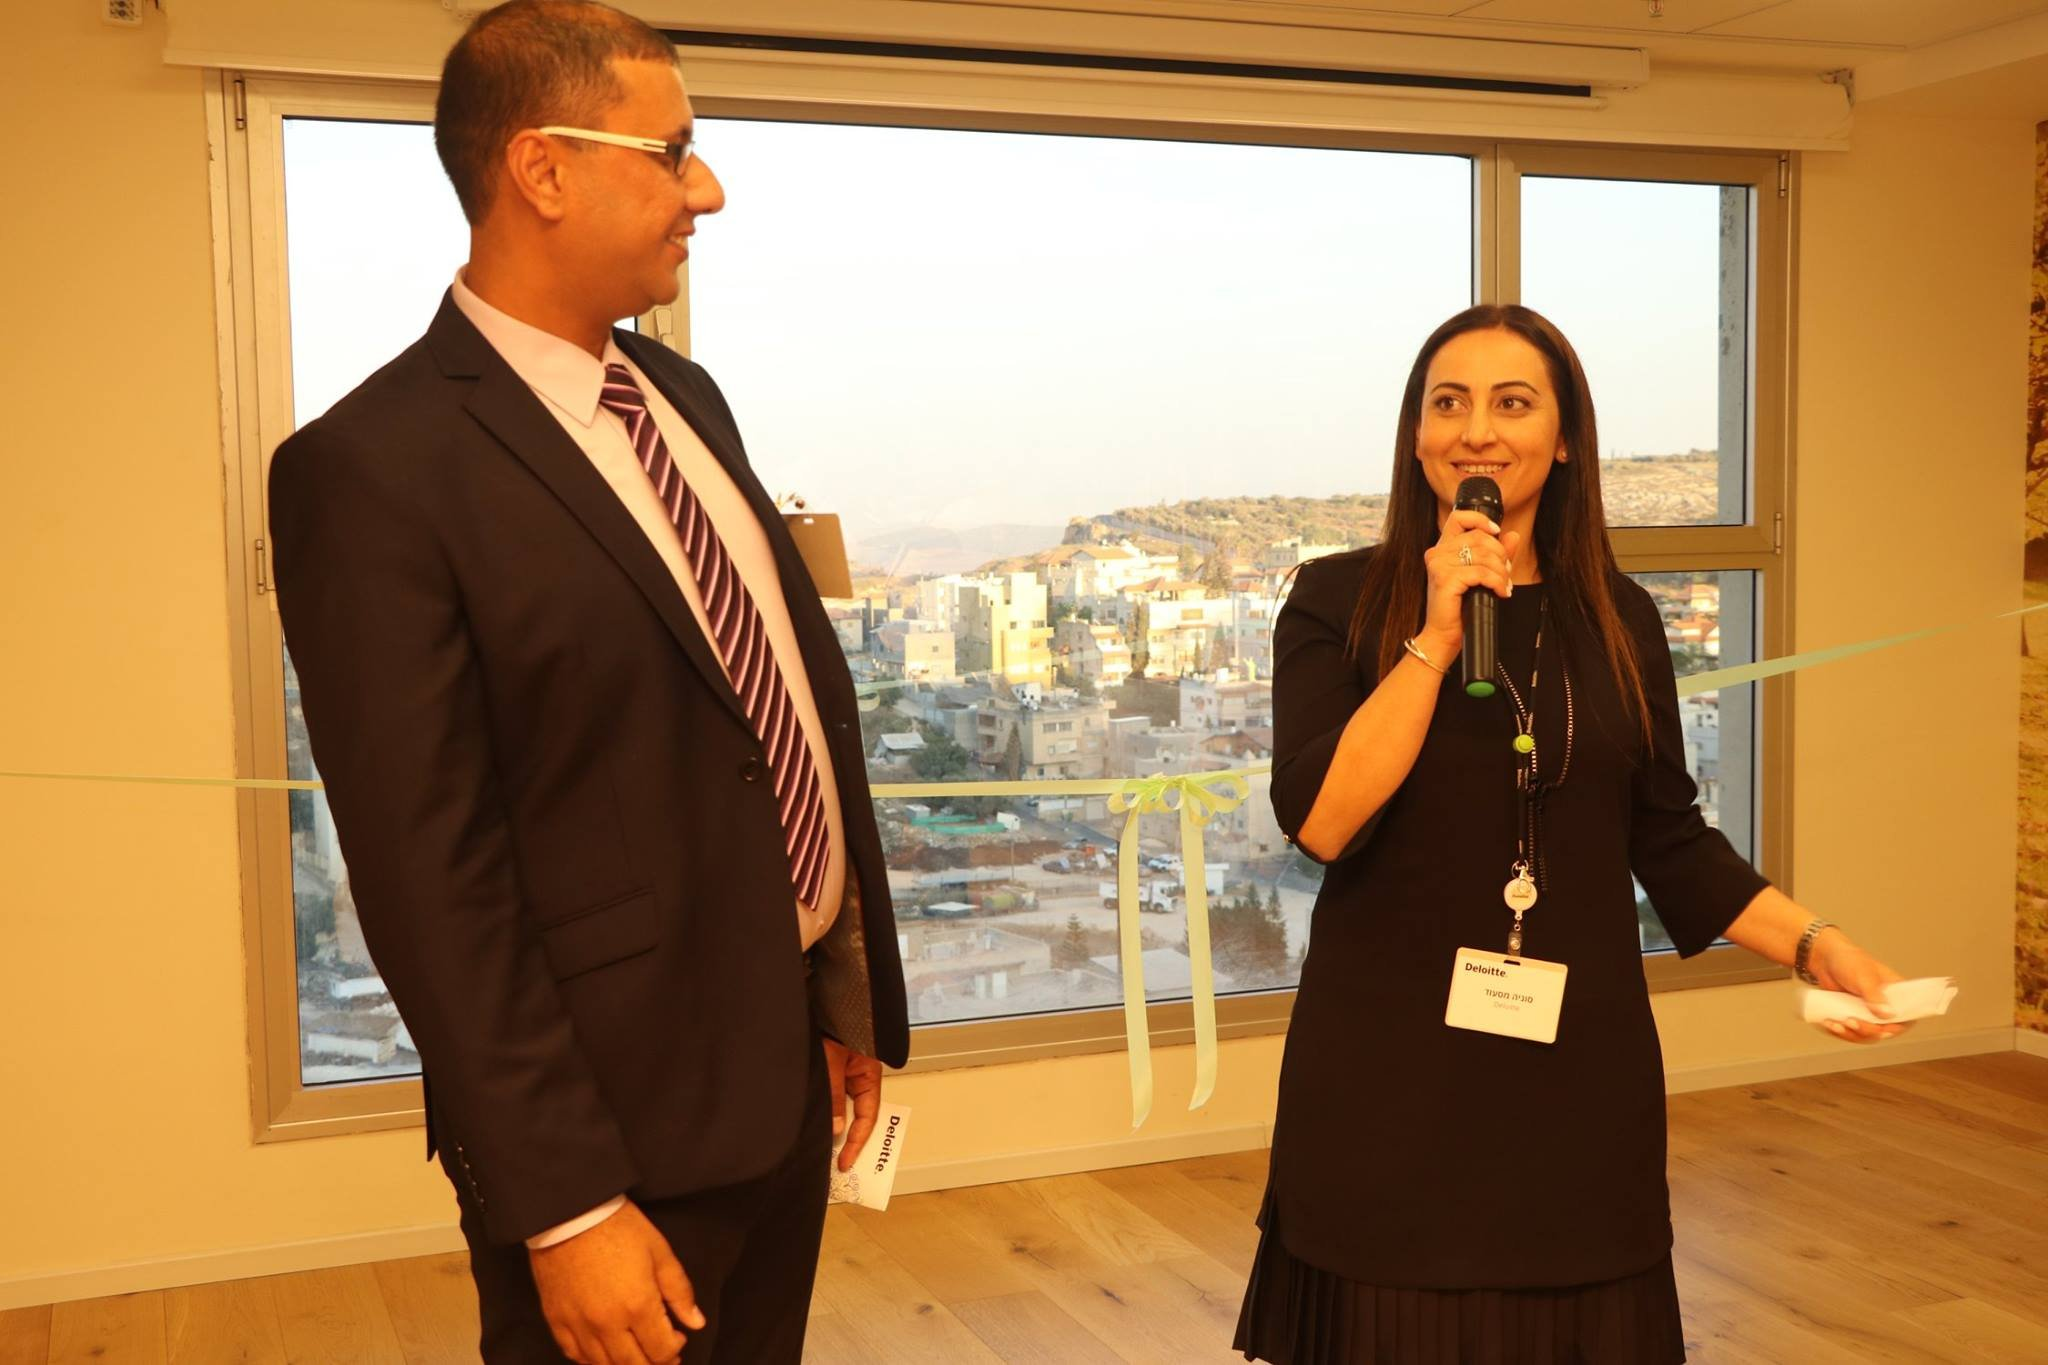 افتتاح فرع ديلويت في الناصرة، مزيدًا من الصور